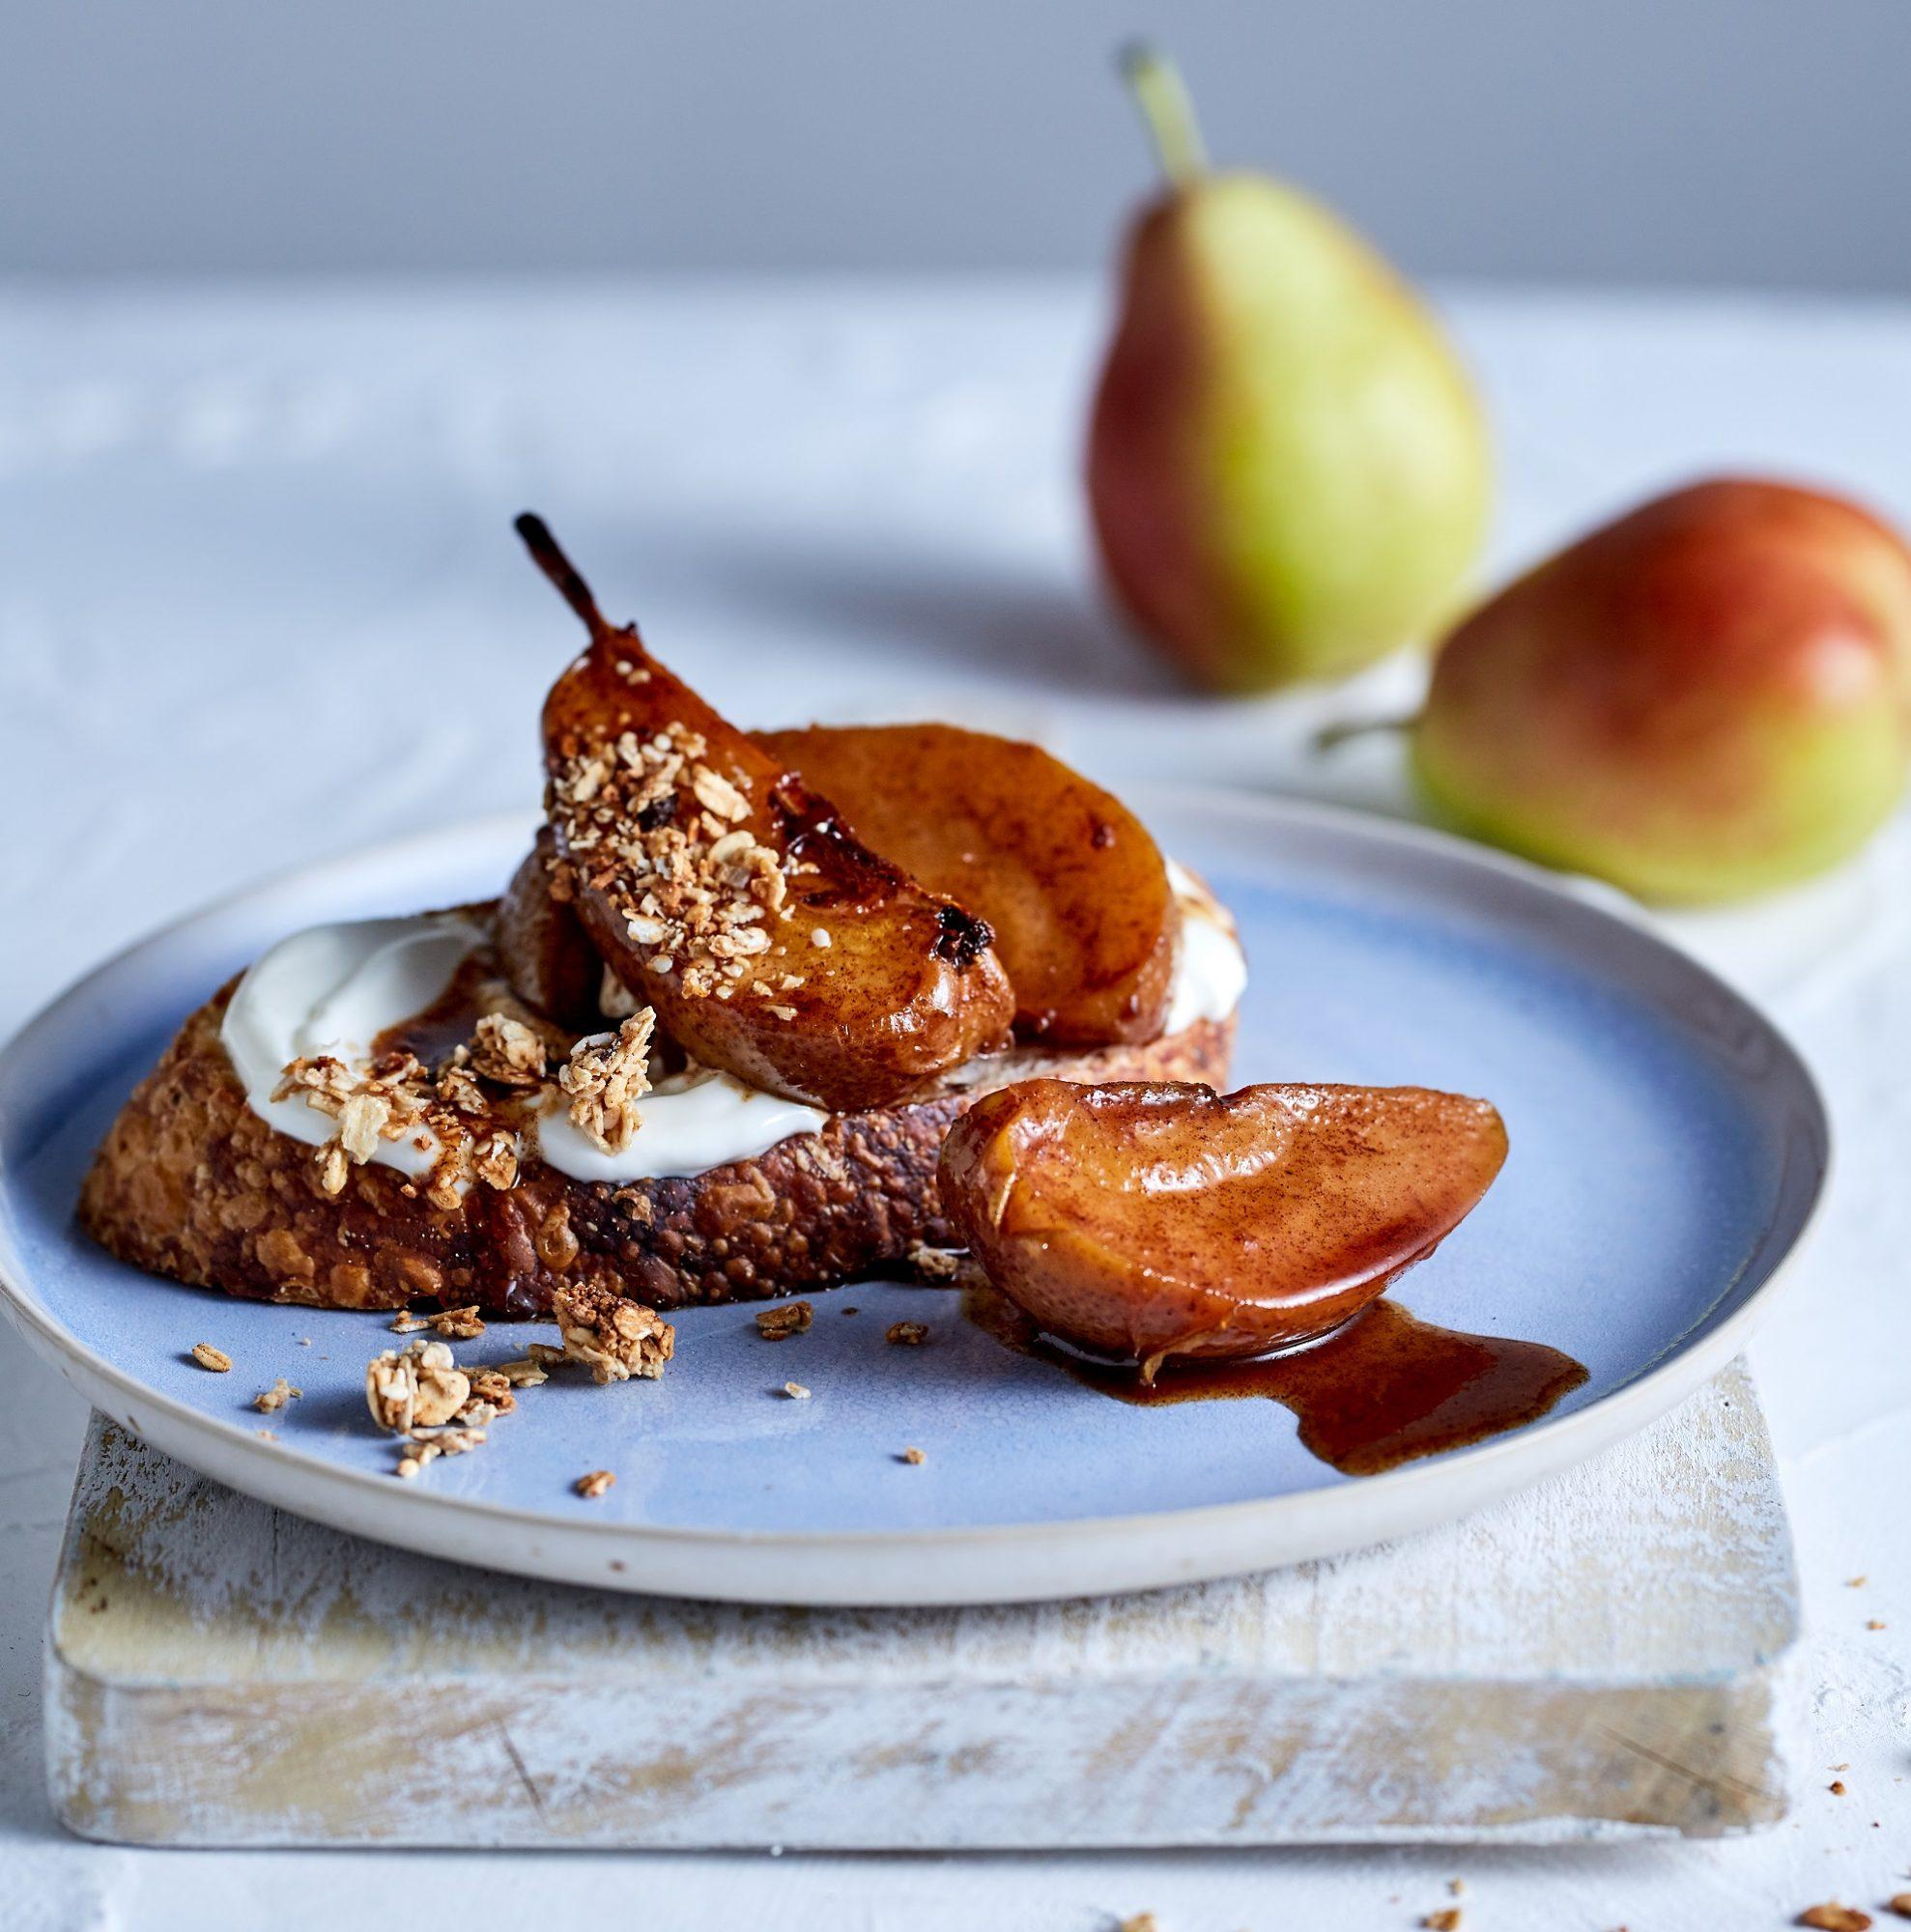 Pears oats